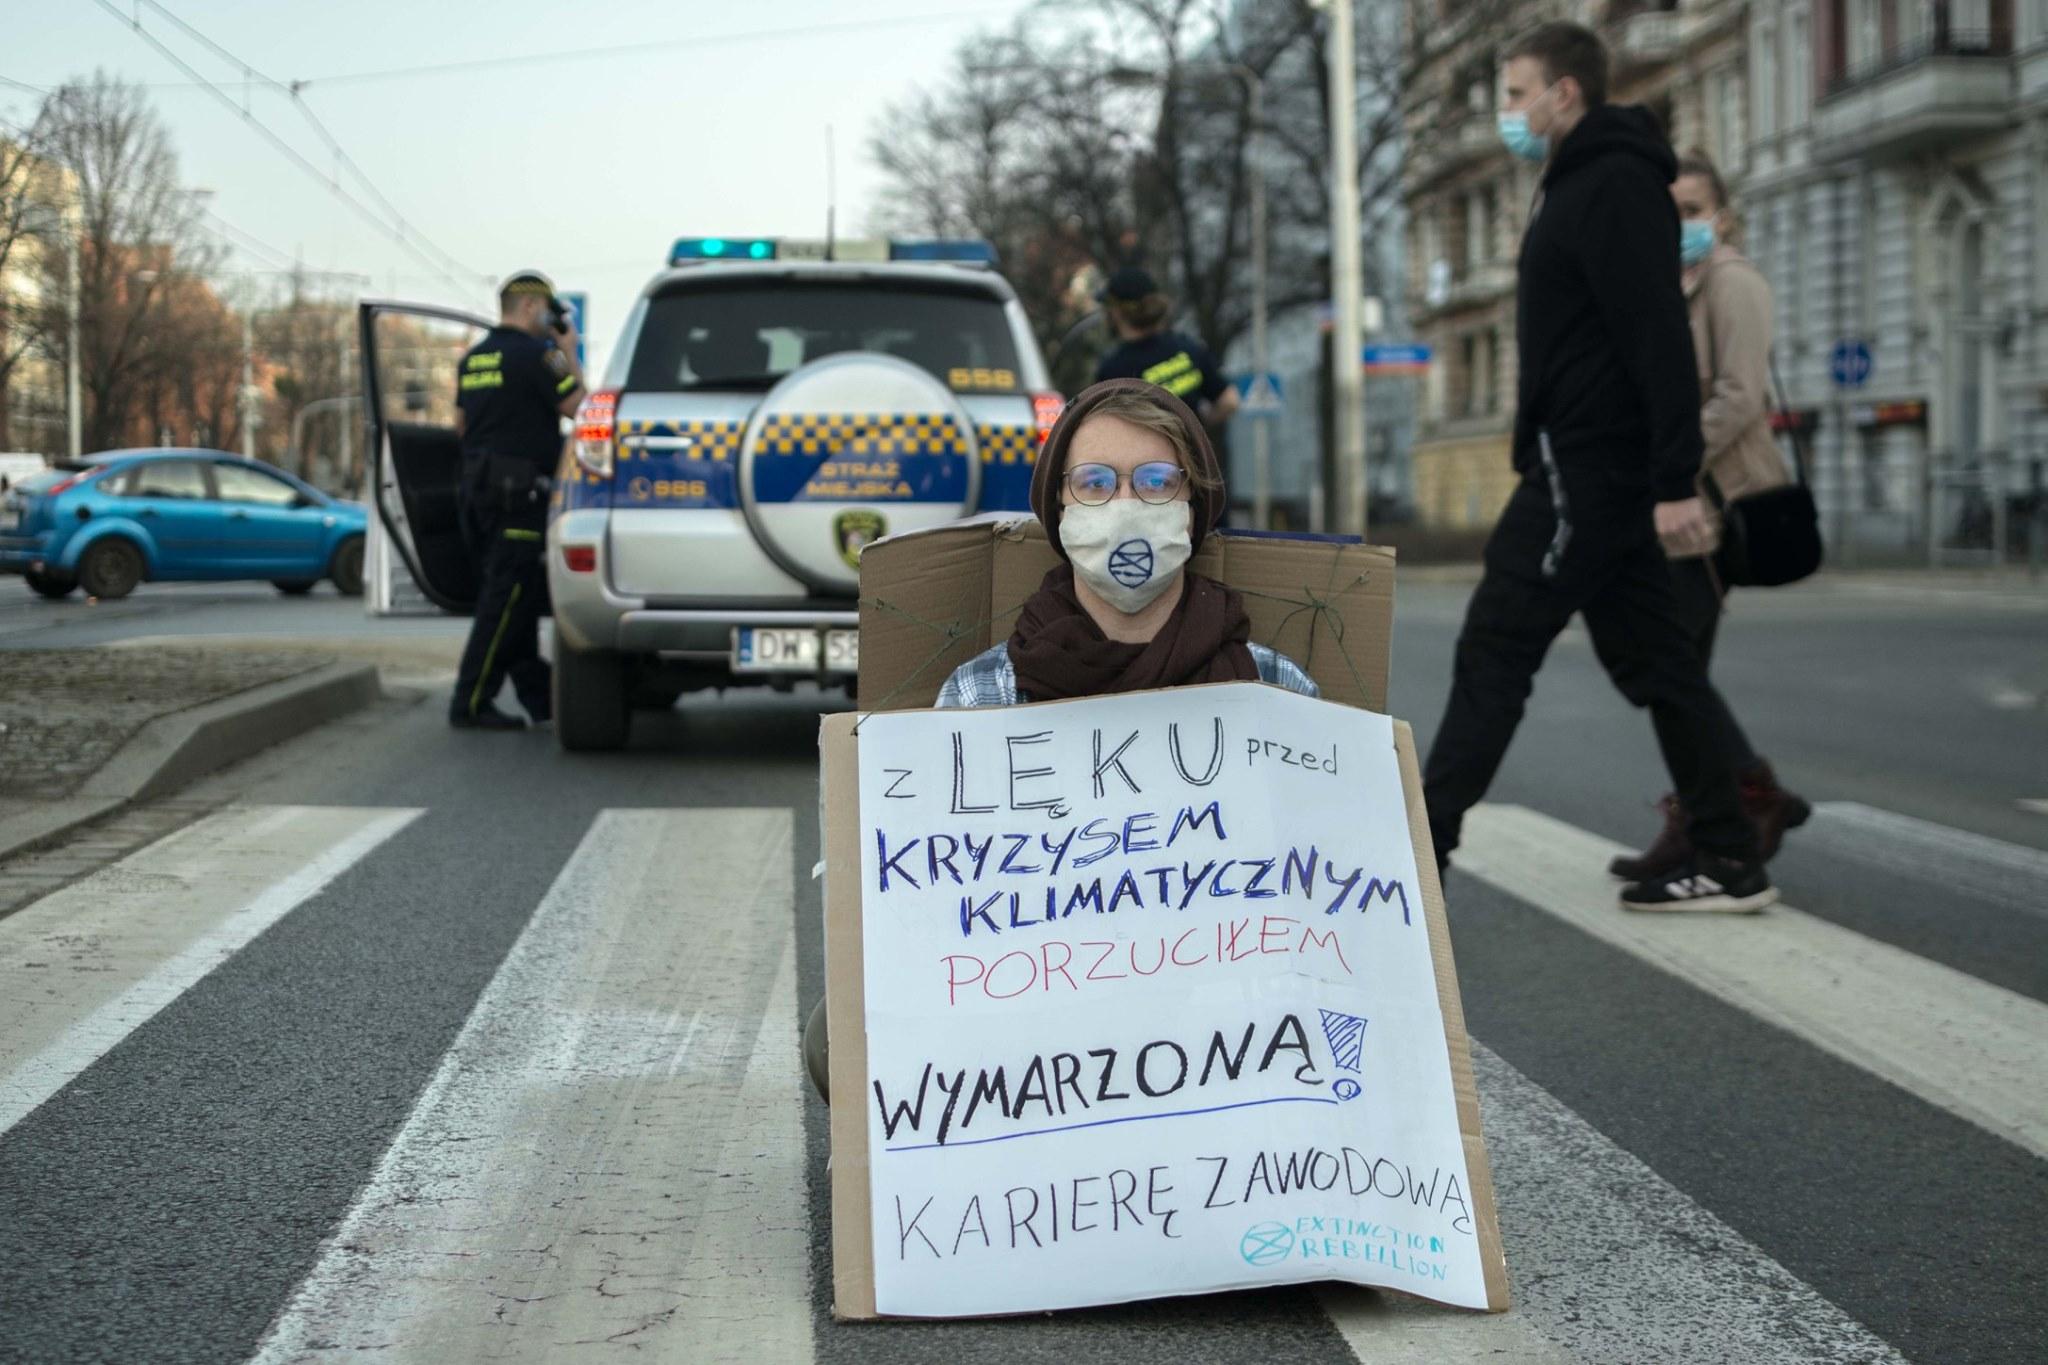 Protesty przeciwko katastrofie klimatycznej